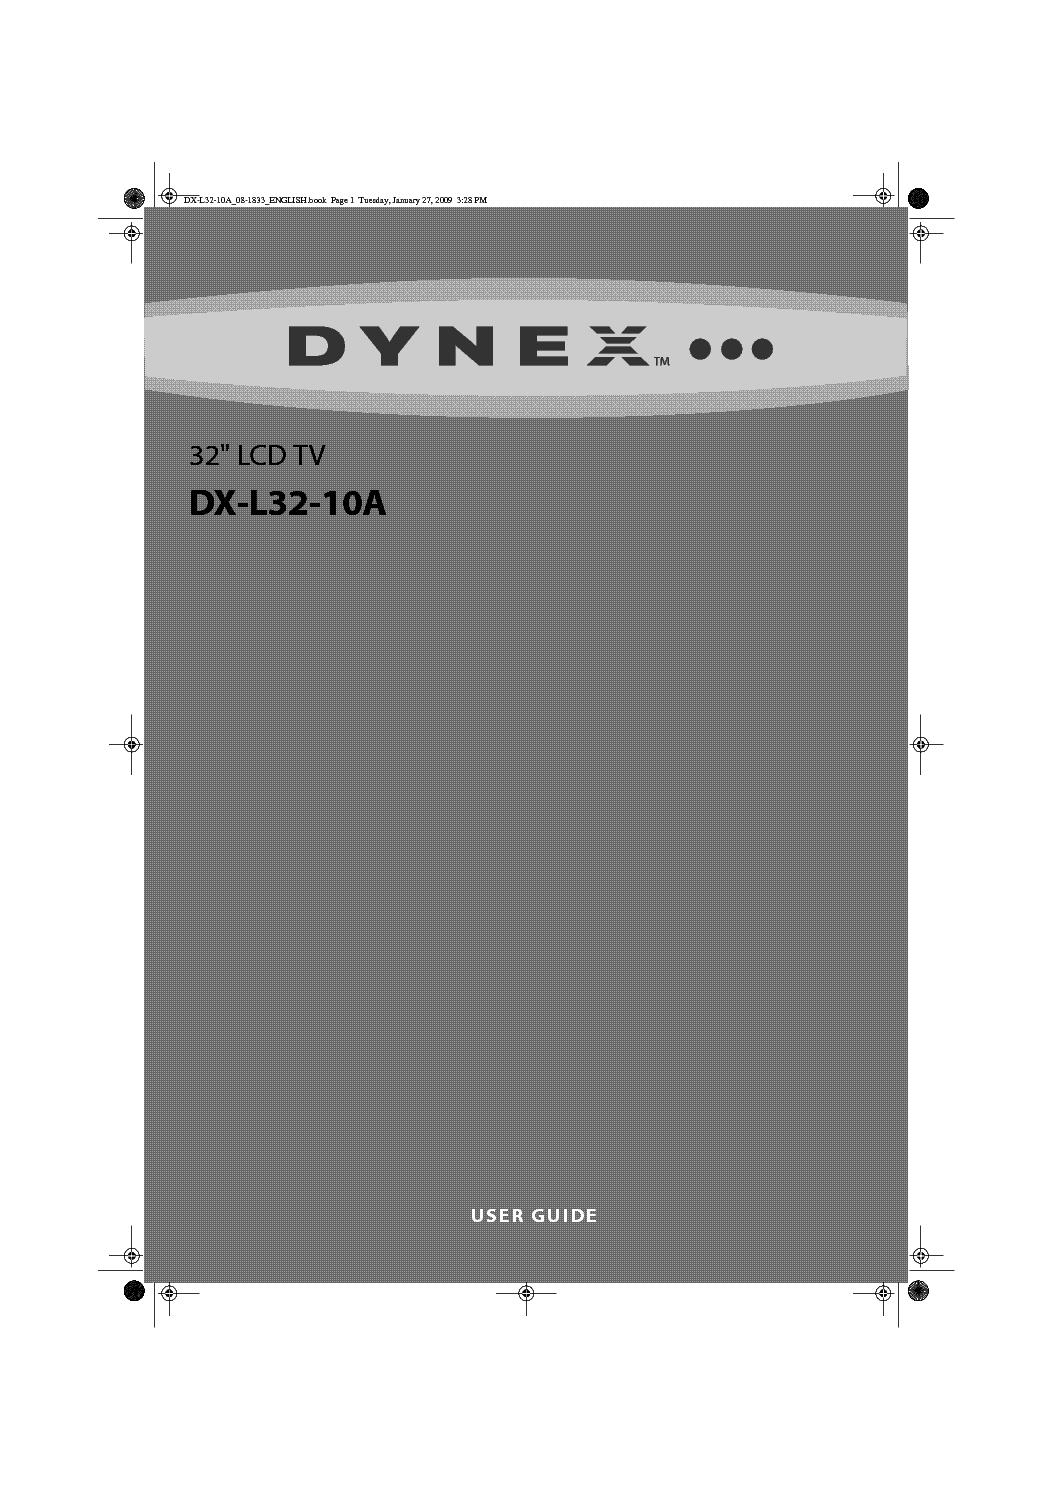 DYNEX DX-L32-10A service manual (1st page)